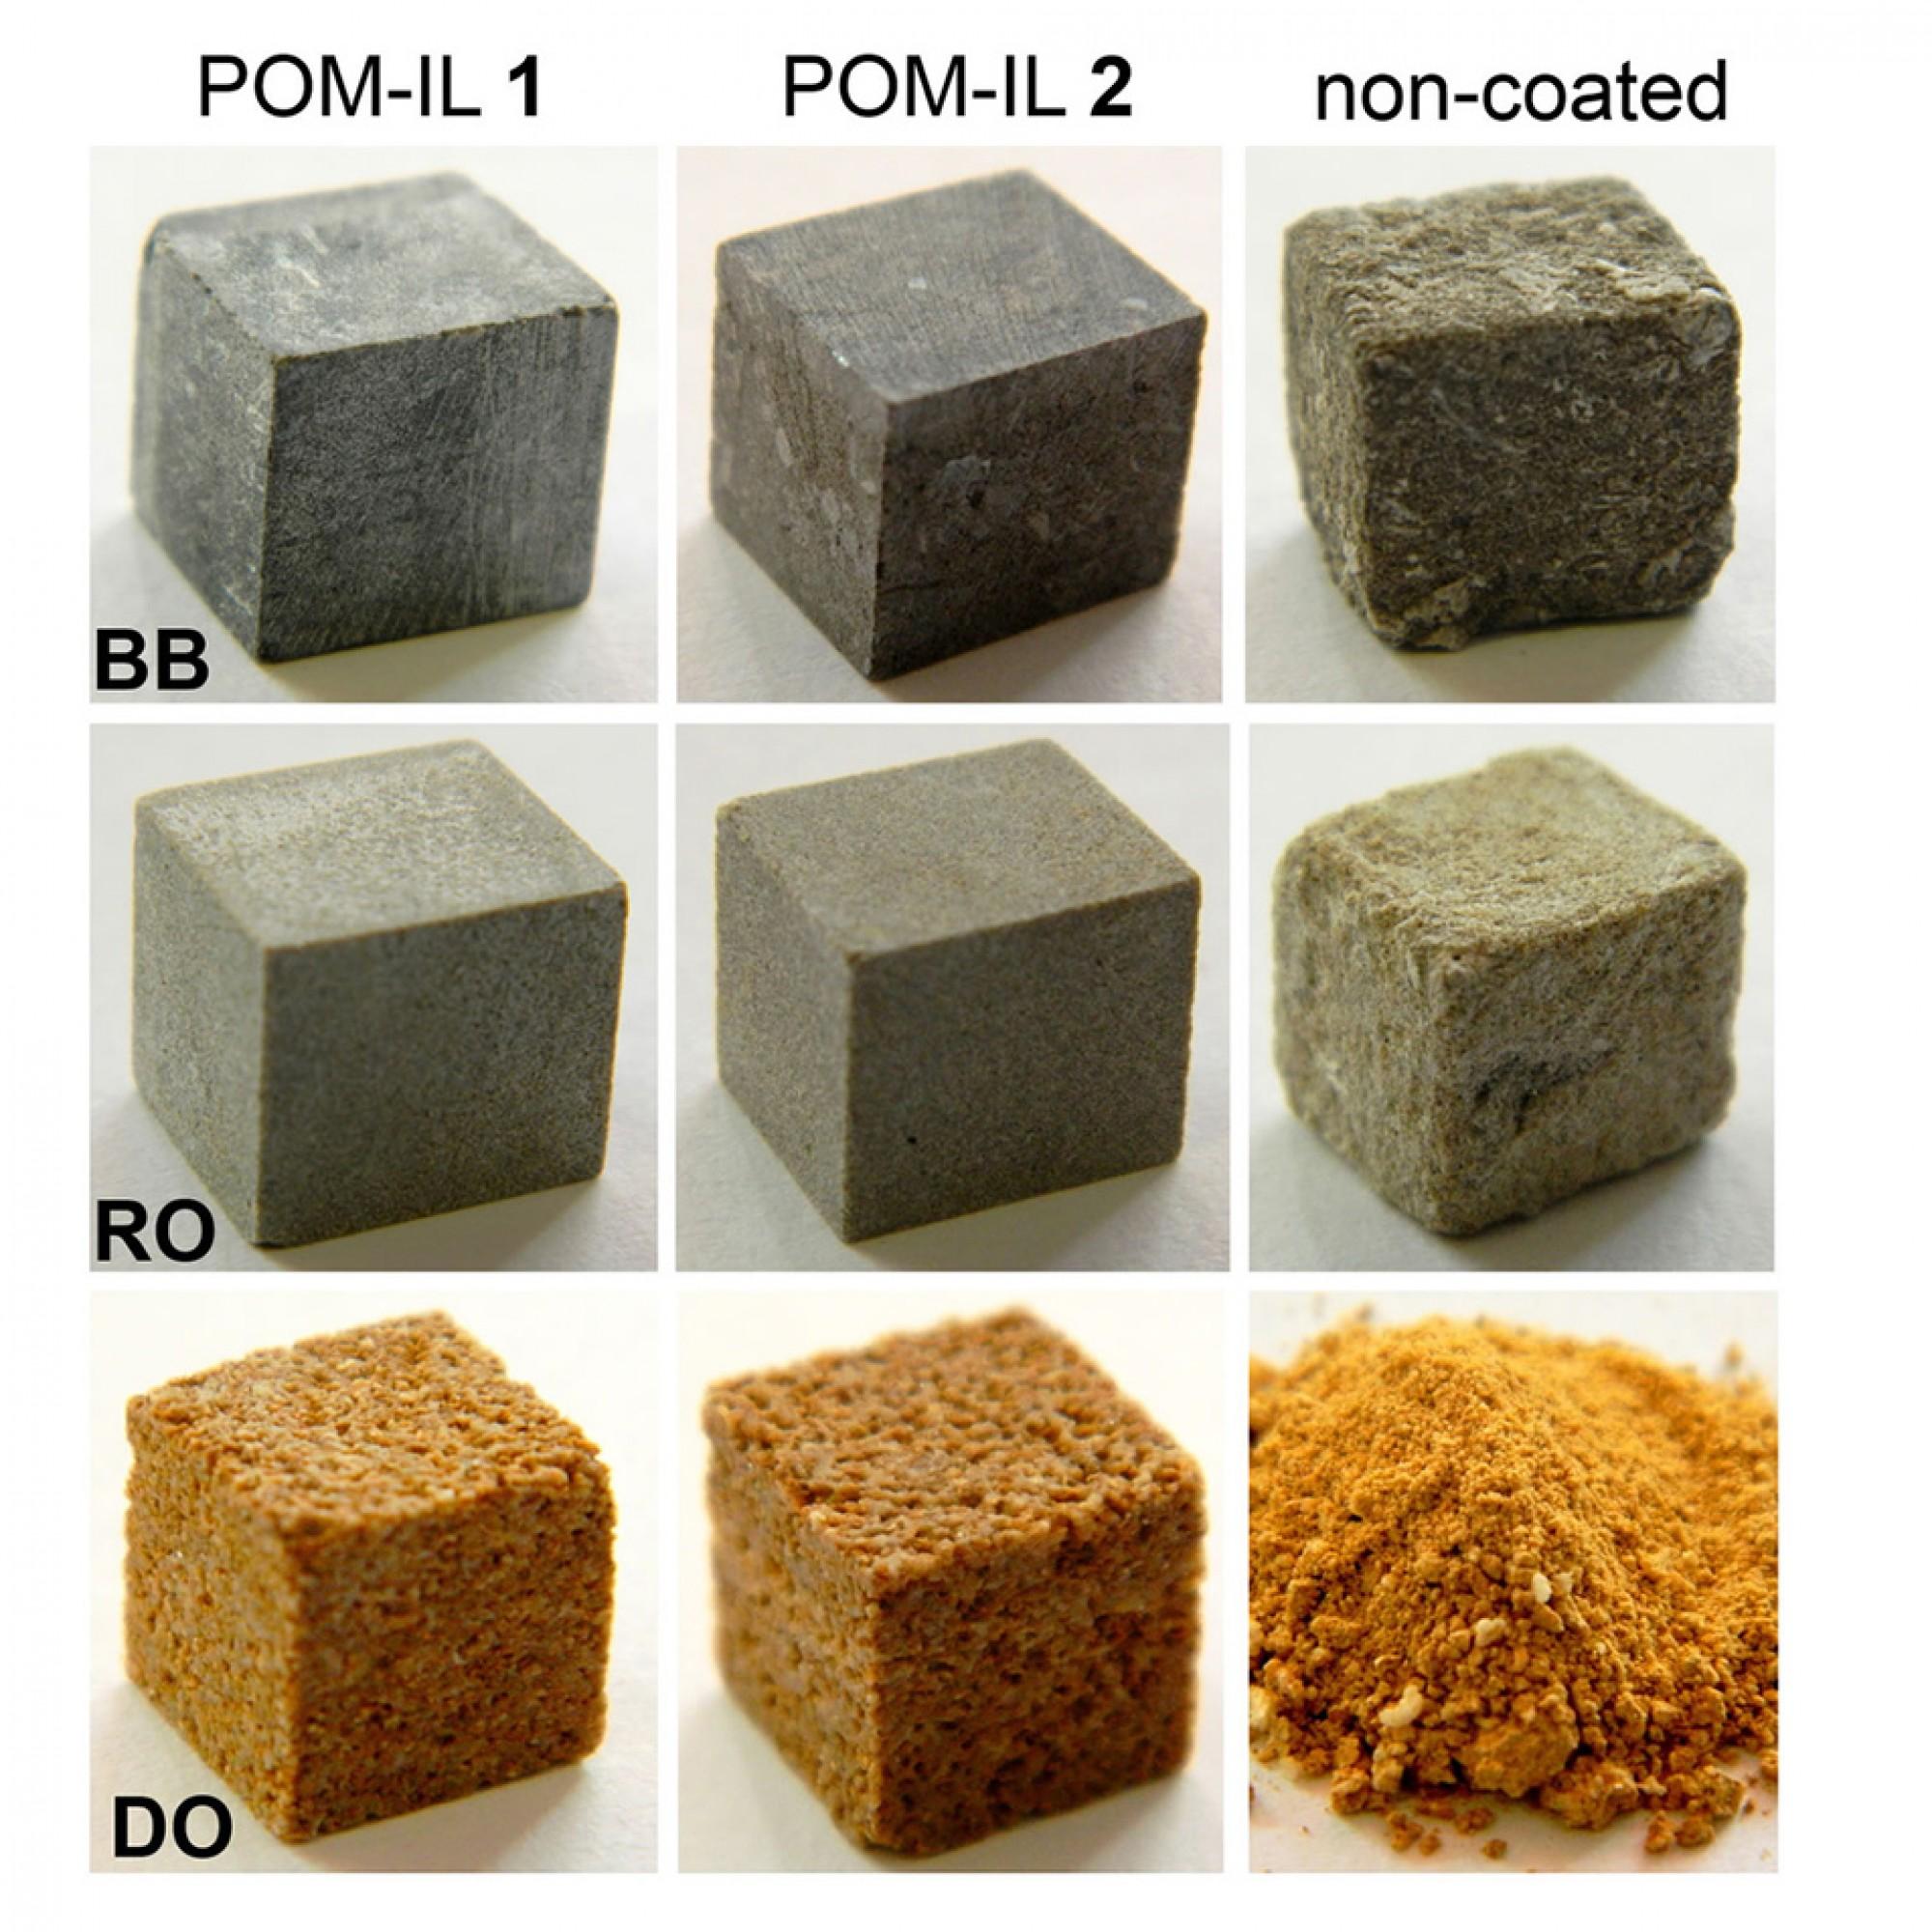 Das Team beschichtete verschiedene Gesteinsproben mit «POM-IL1»oder «POM-IL2» und bedampftediese mit Essigsäure. Es zeigte sich, dass die mit dem Korrosionsschutz bestrichenen Proben kaum gelitten haben (Spalte 1 und Spalte 2). Die naturbelassenen Refer